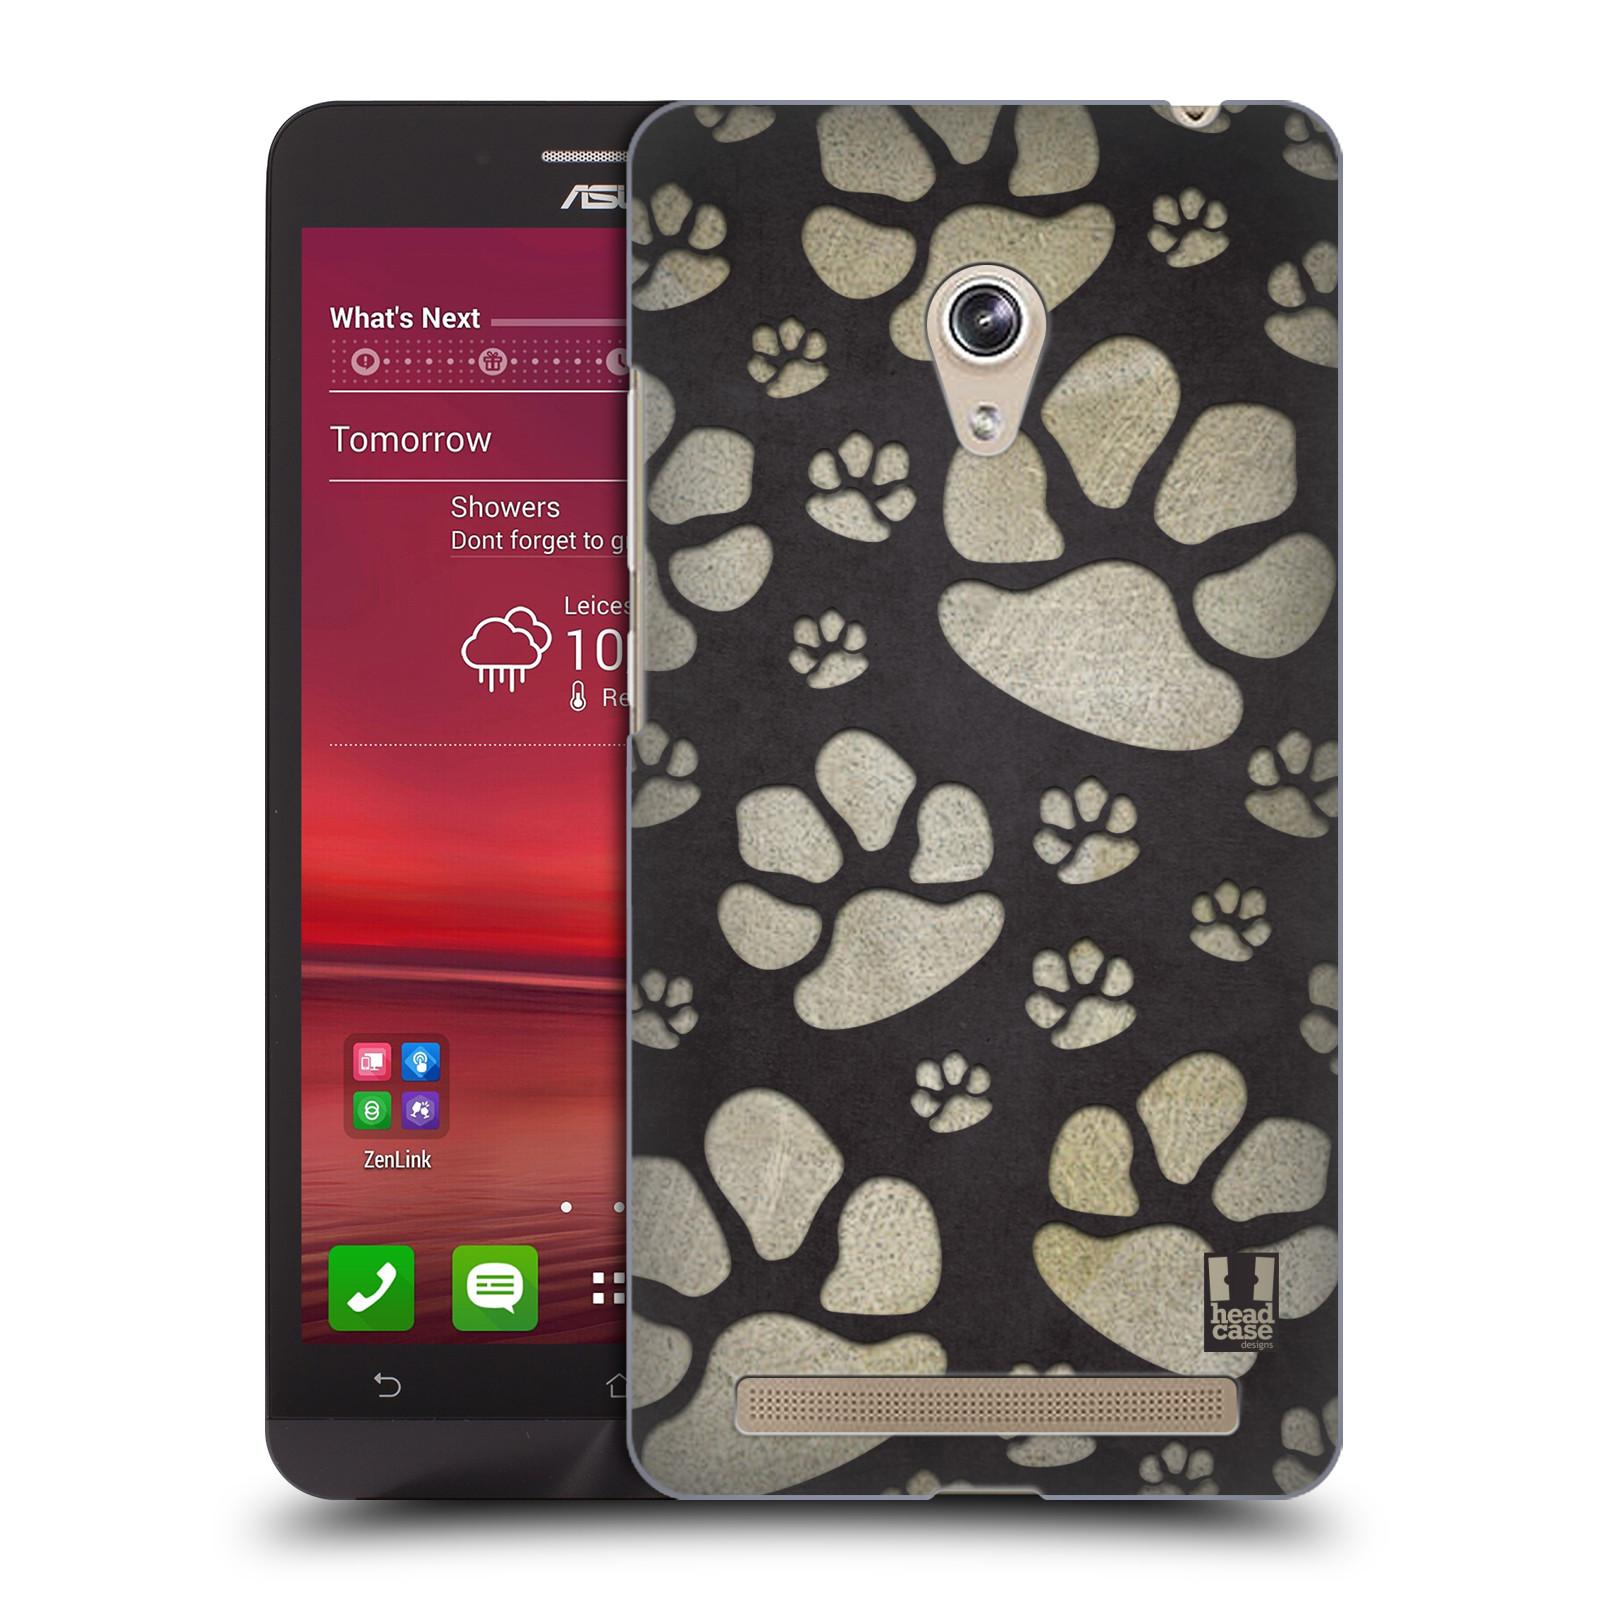 Plastové pouzdro na mobil Asus Zenfone 6 HEAD CASE TLAPKY ŠEDÉ (Kryt či obal na mobilní telefon Asus Zenfone 6 A600CG / A601CG)